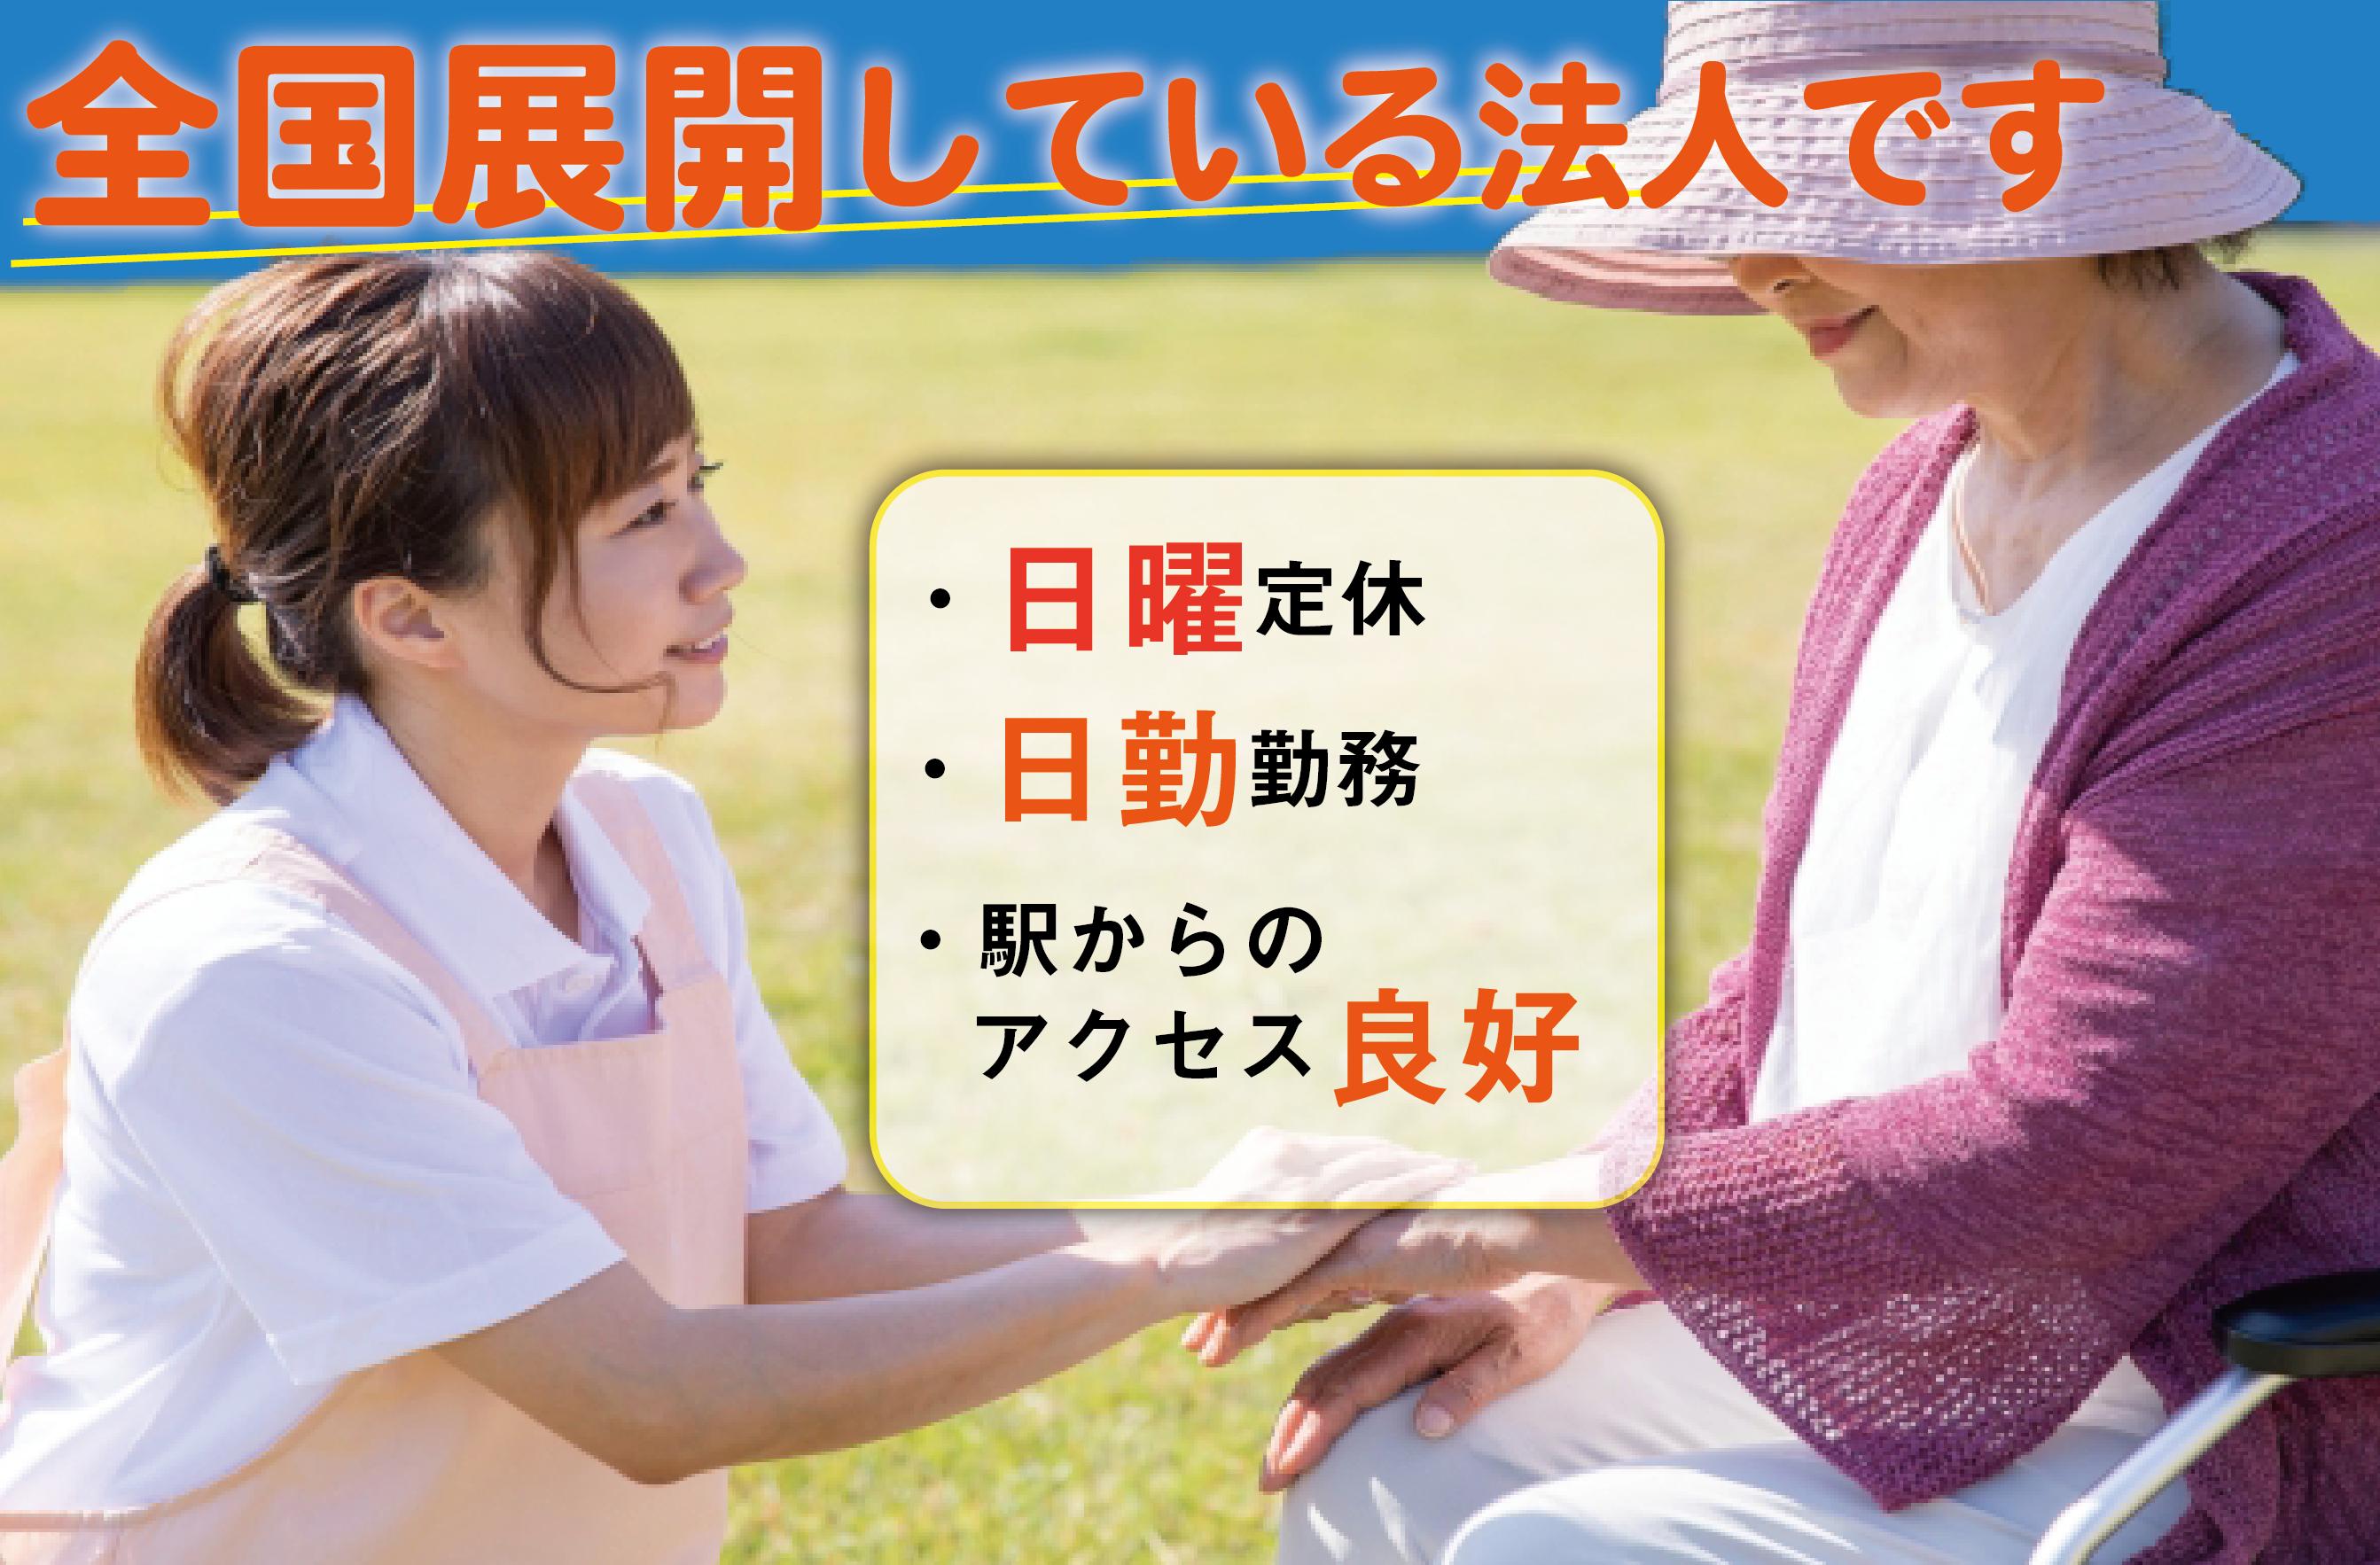 介護職(正社員)デイサービス<名古屋市緑区>【KA-26】 イメージ